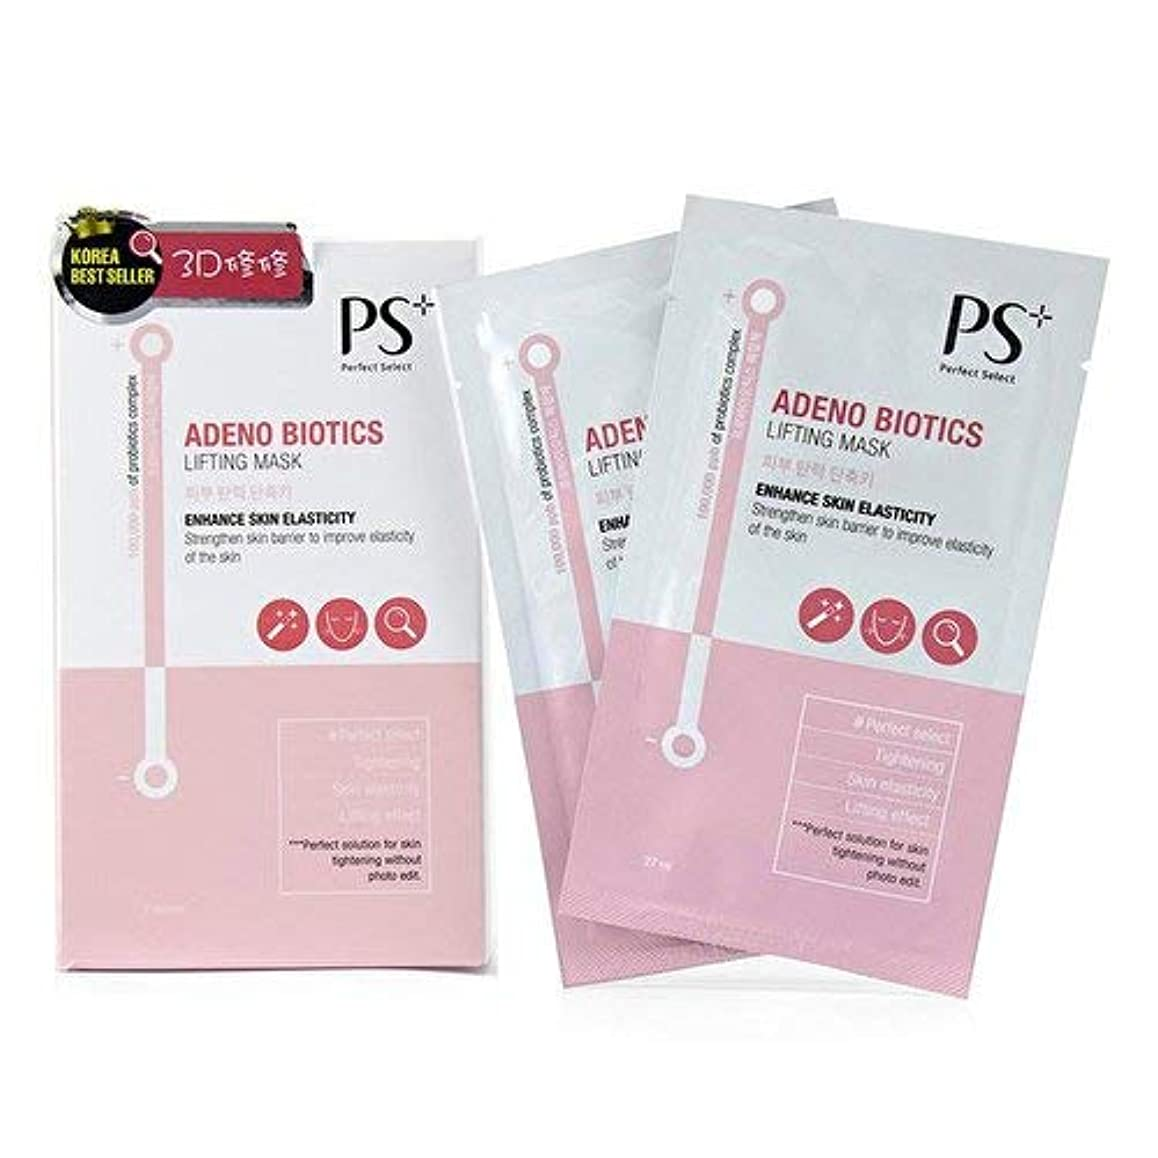 恵み時代遅れ郵便屋さんPS Perfect Select Adeno Biotics Lifting Mask - Enhance Skin Elasticity 7pcs並行輸入品